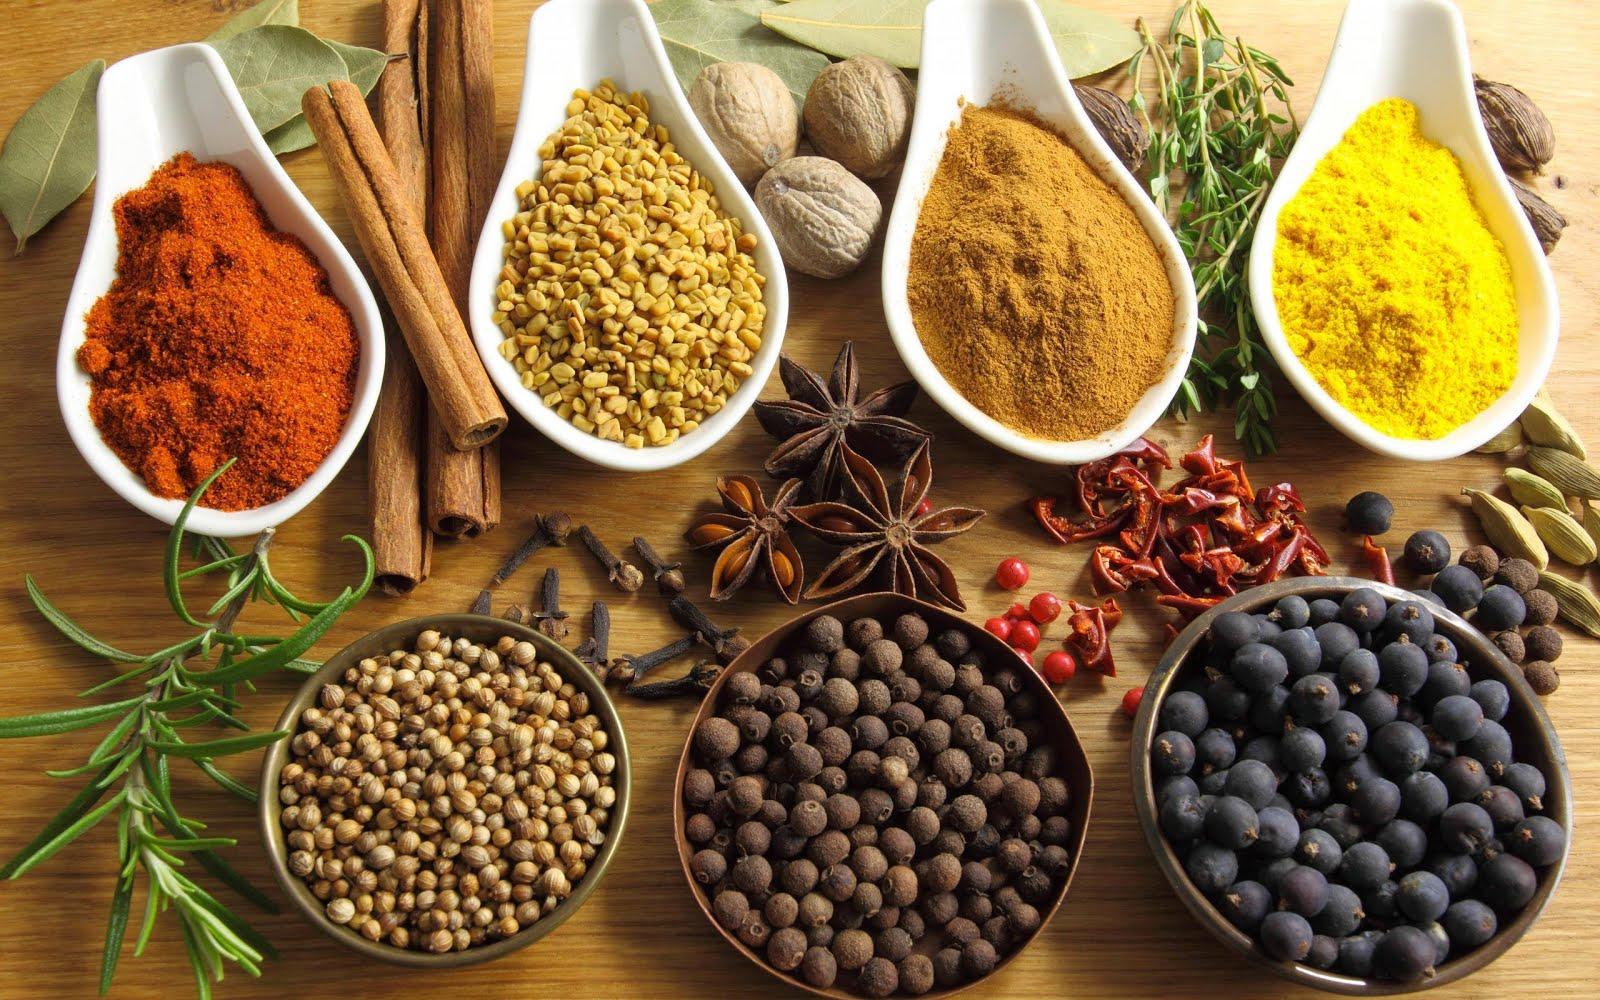 Κορυφαία Αντιφλεγμονώδη τρόφιμα, βότανα και μπαχαρικά